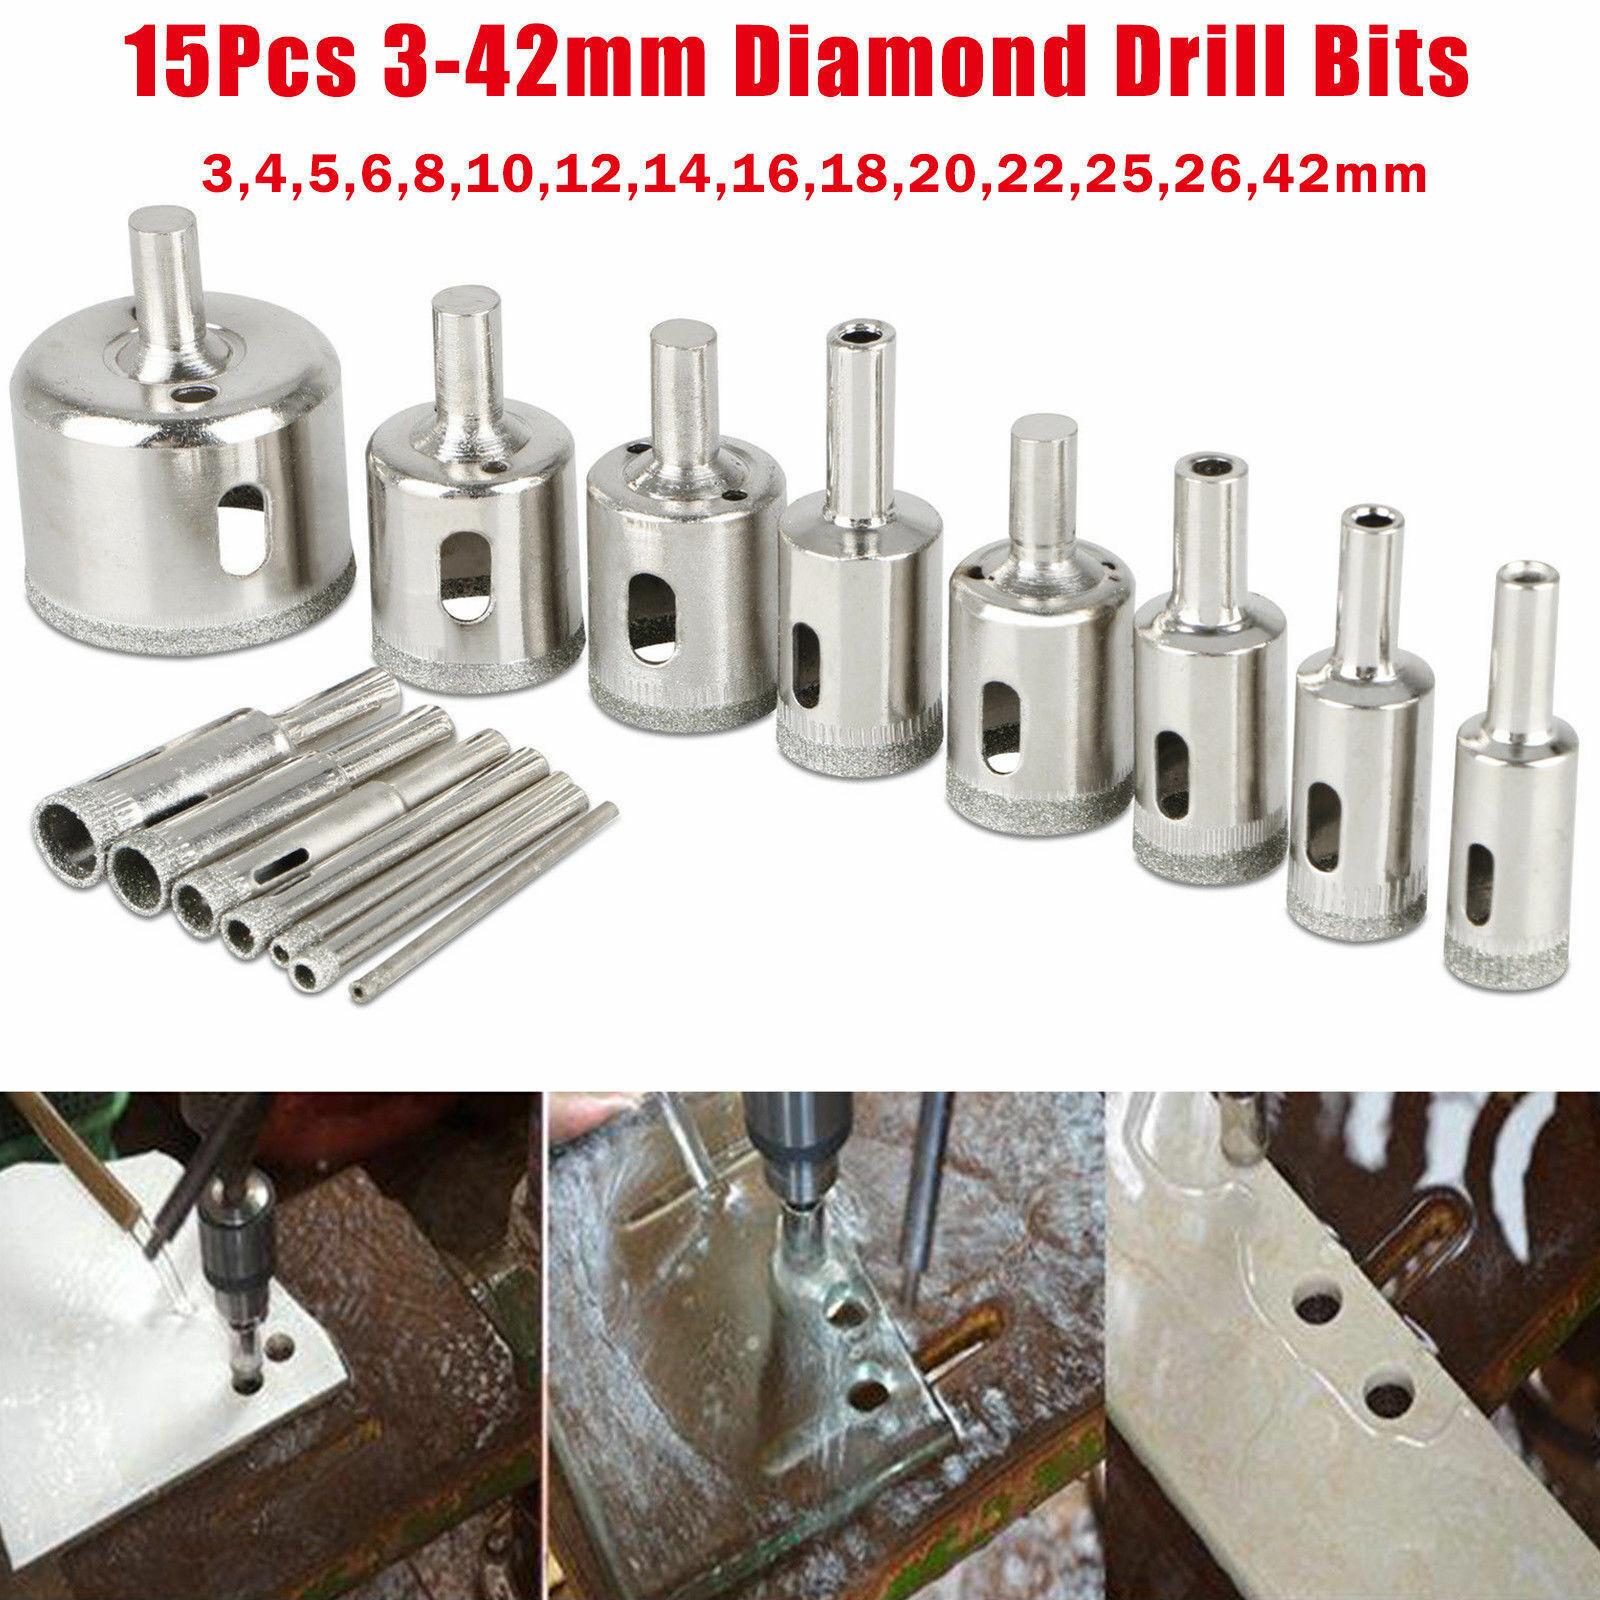 15Pcs Diamond Hole Saw Drill Bit Set coupe pour Carrelage Marbre Verre 3mm-42mm